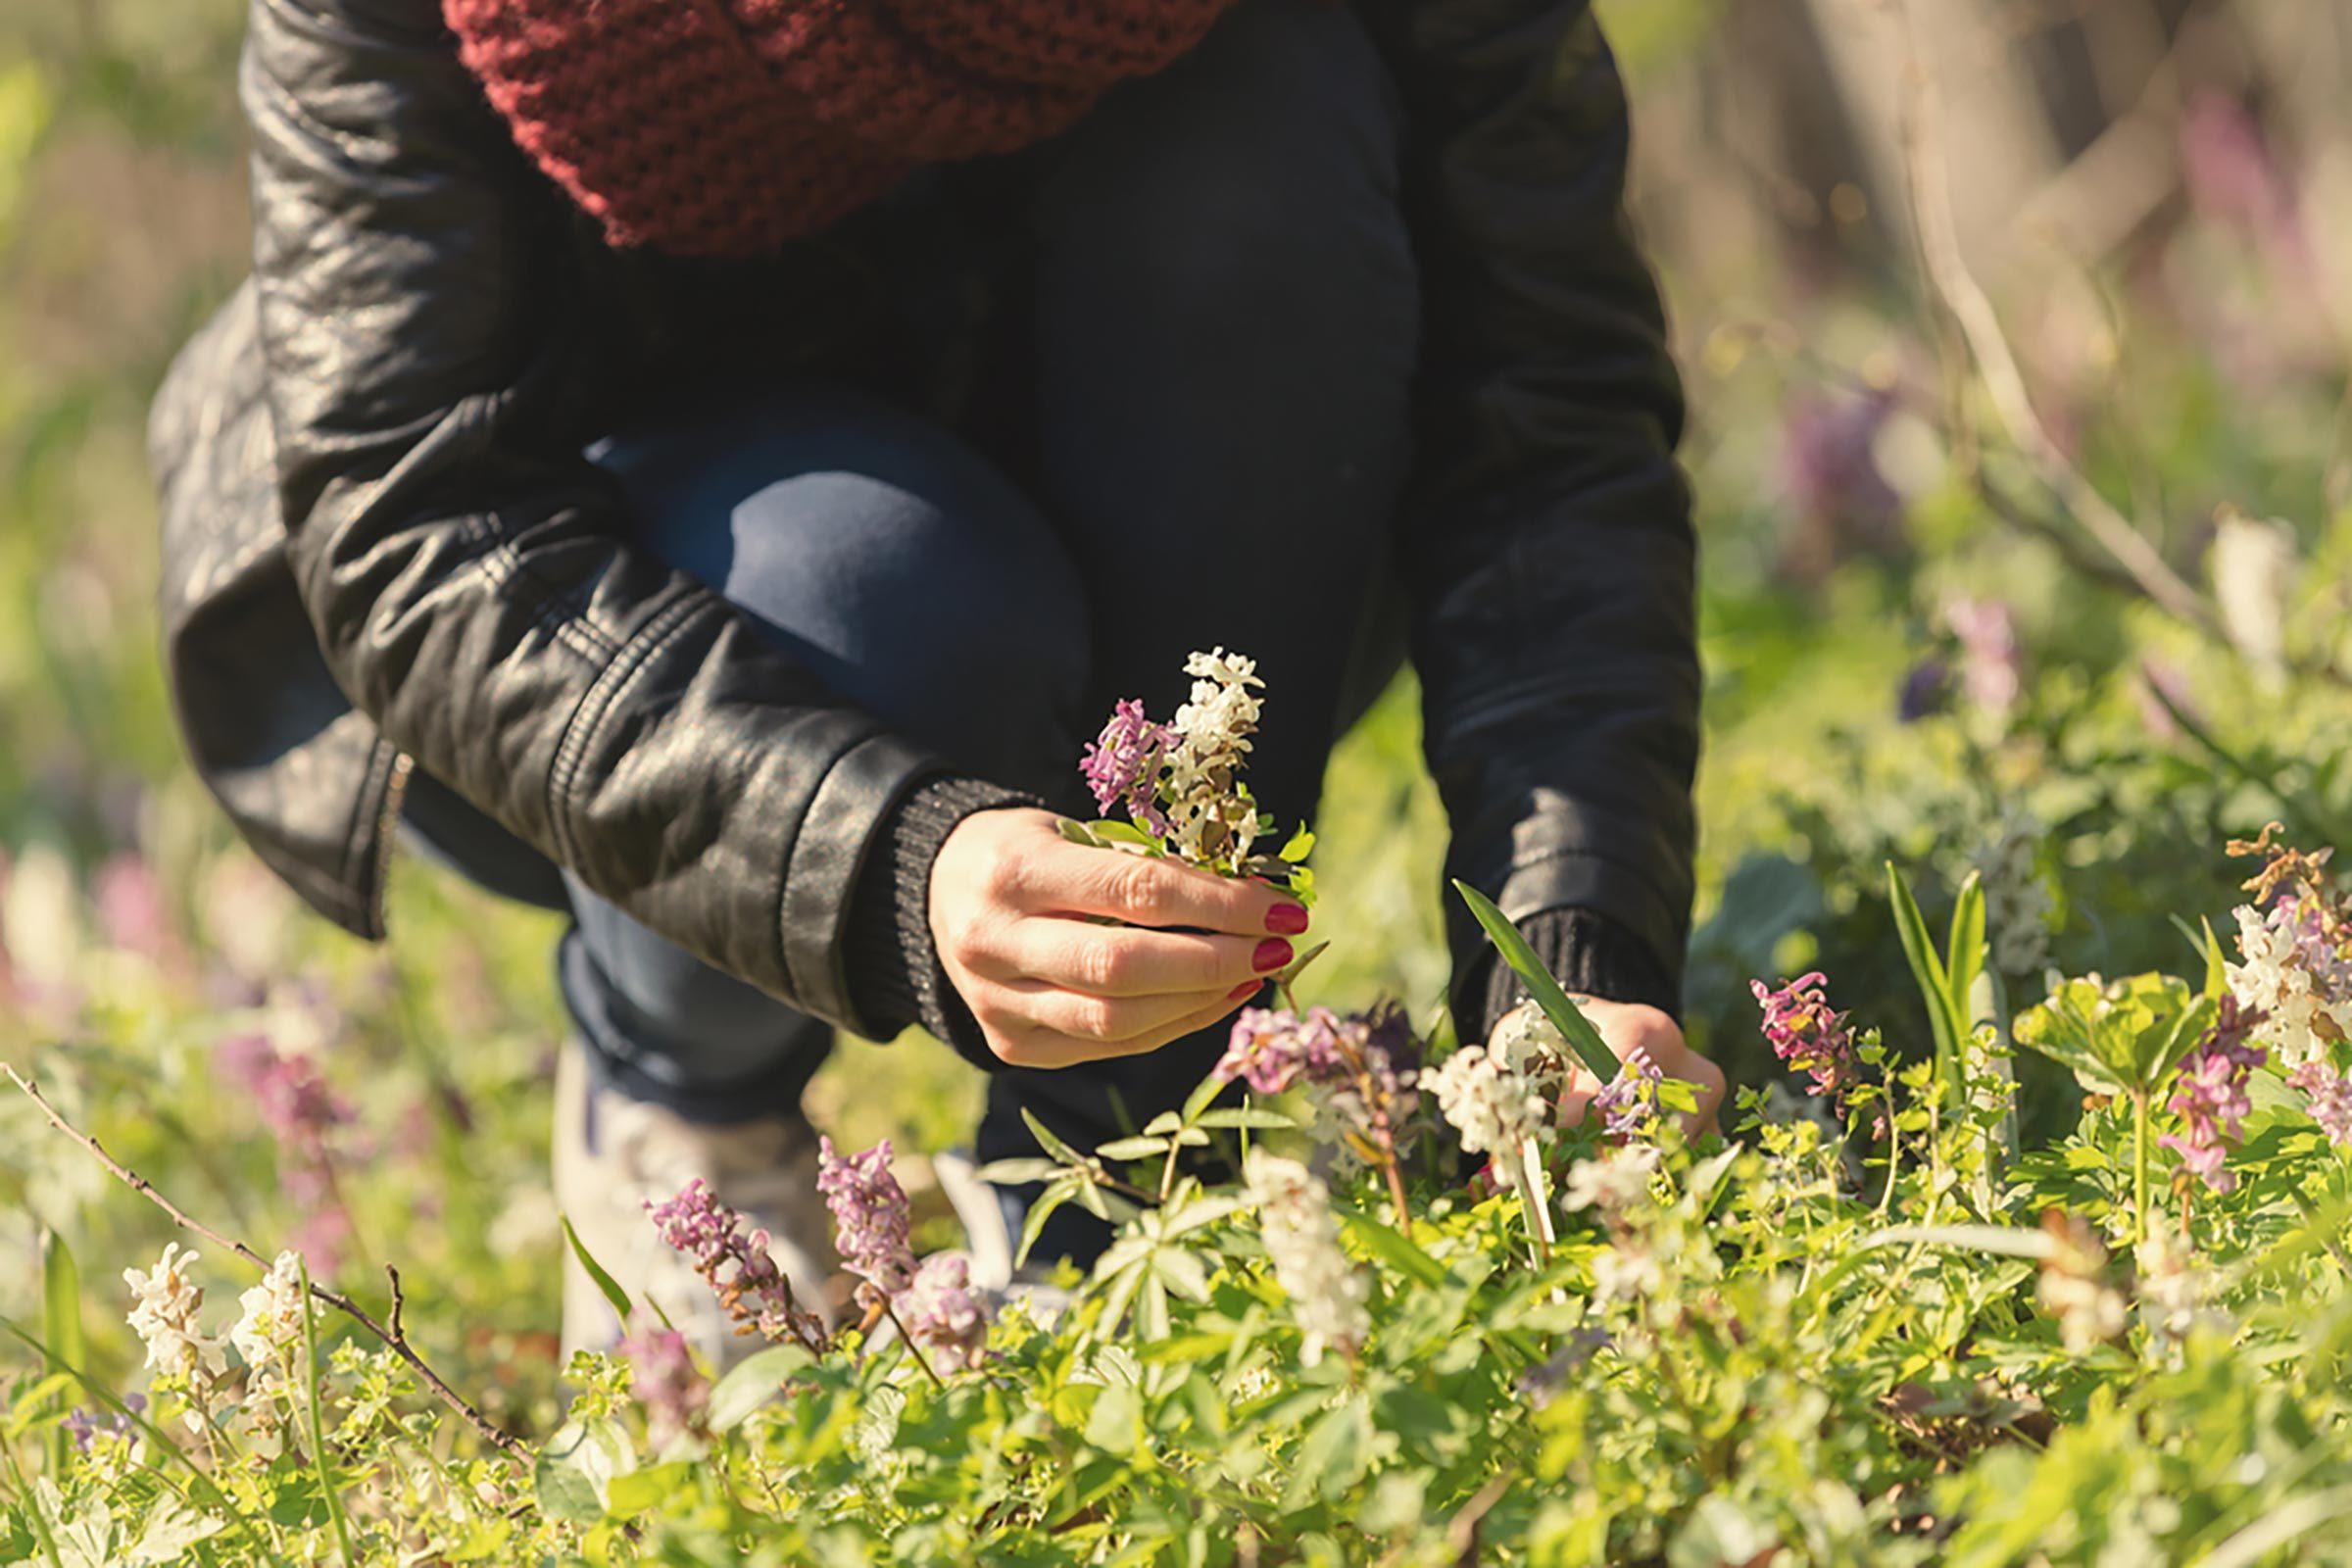 pickingflowers